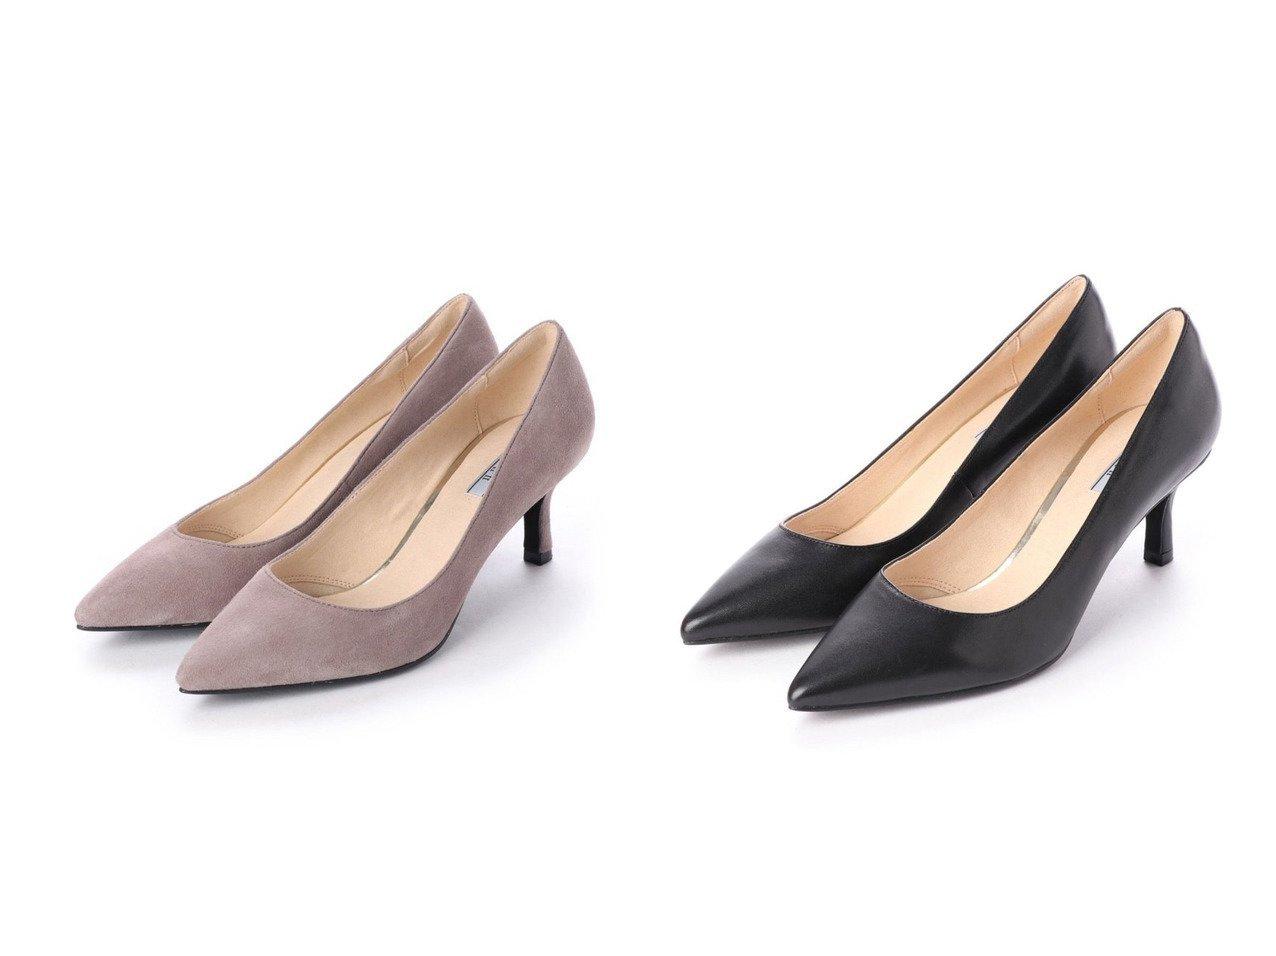 【EVOL/イーボル】の本革6cmパンプス シューズ・靴のおすすめ!人気、トレンド・レディースファッションの通販 おすすめで人気の流行・トレンド、ファッションの通販商品 メンズファッション・キッズファッション・インテリア・家具・レディースファッション・服の通販 founy(ファニー) https://founy.com/ ファッション Fashion レディースファッション WOMEN シューズ |ID:crp329100000023367